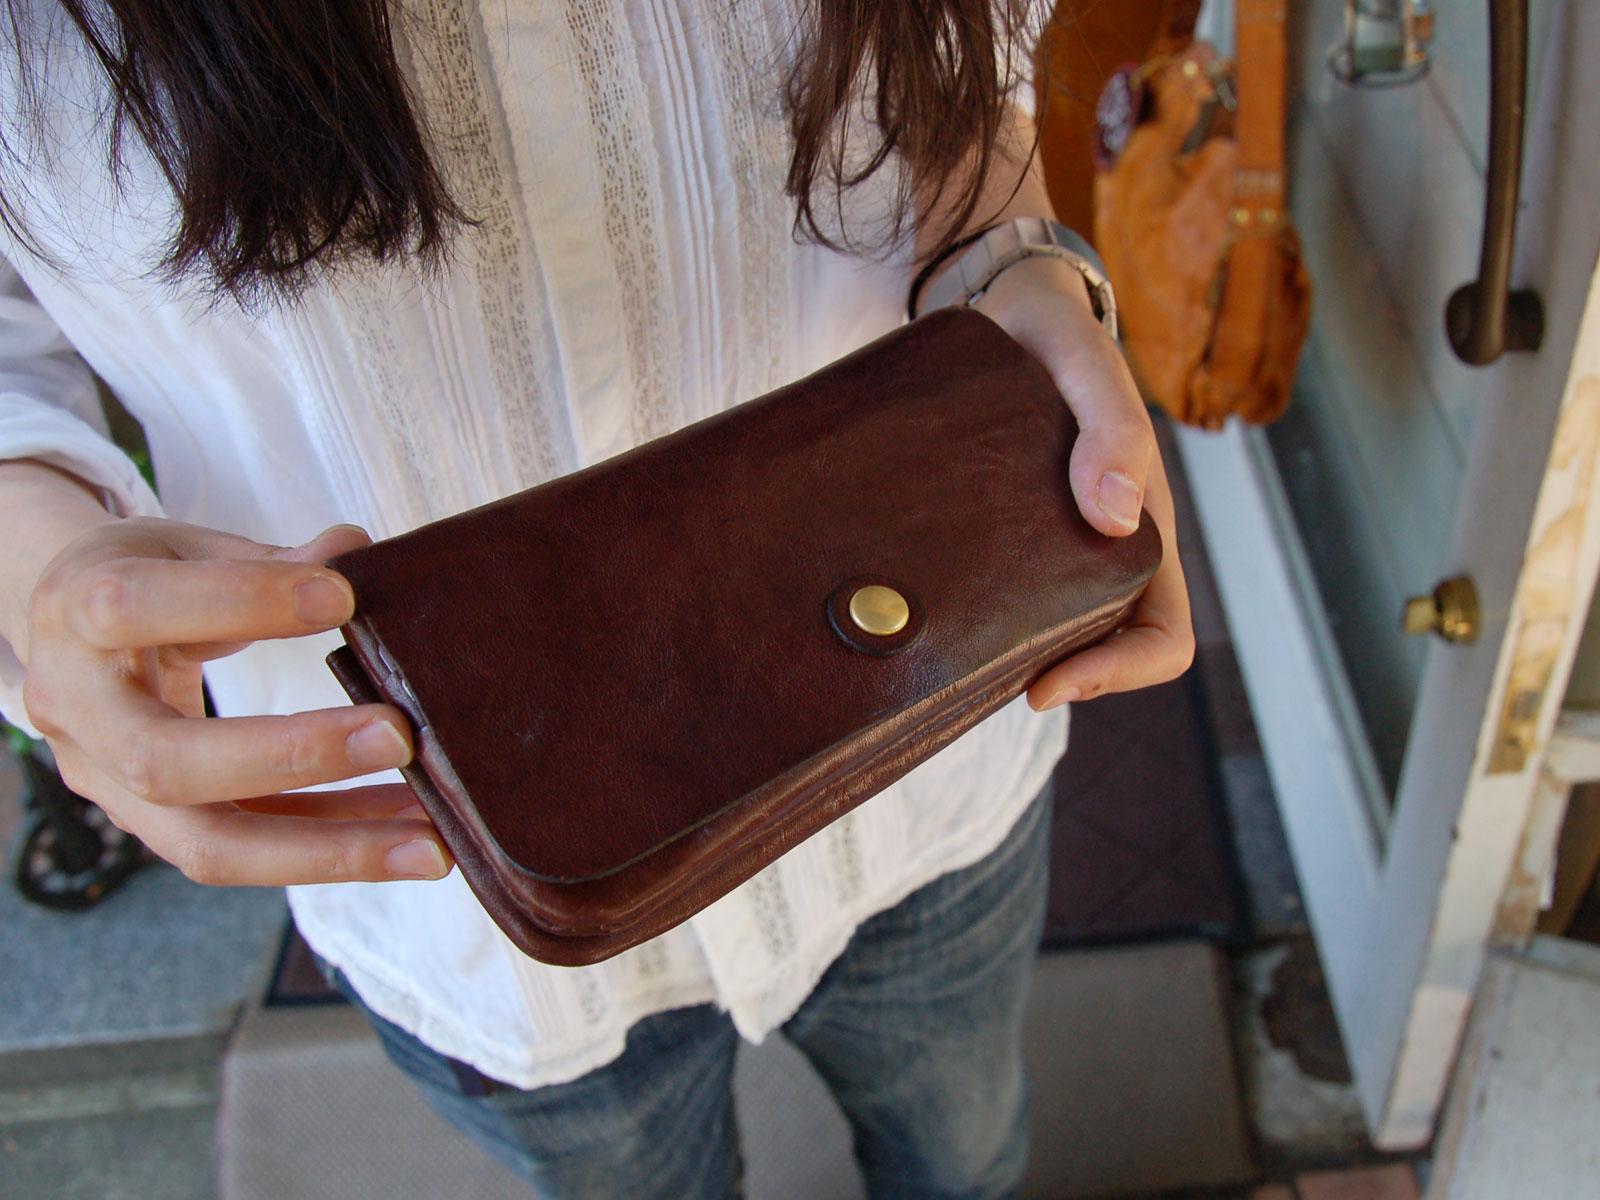 スタッフ愛用品:普段使いのトラベルウォレット・長財布